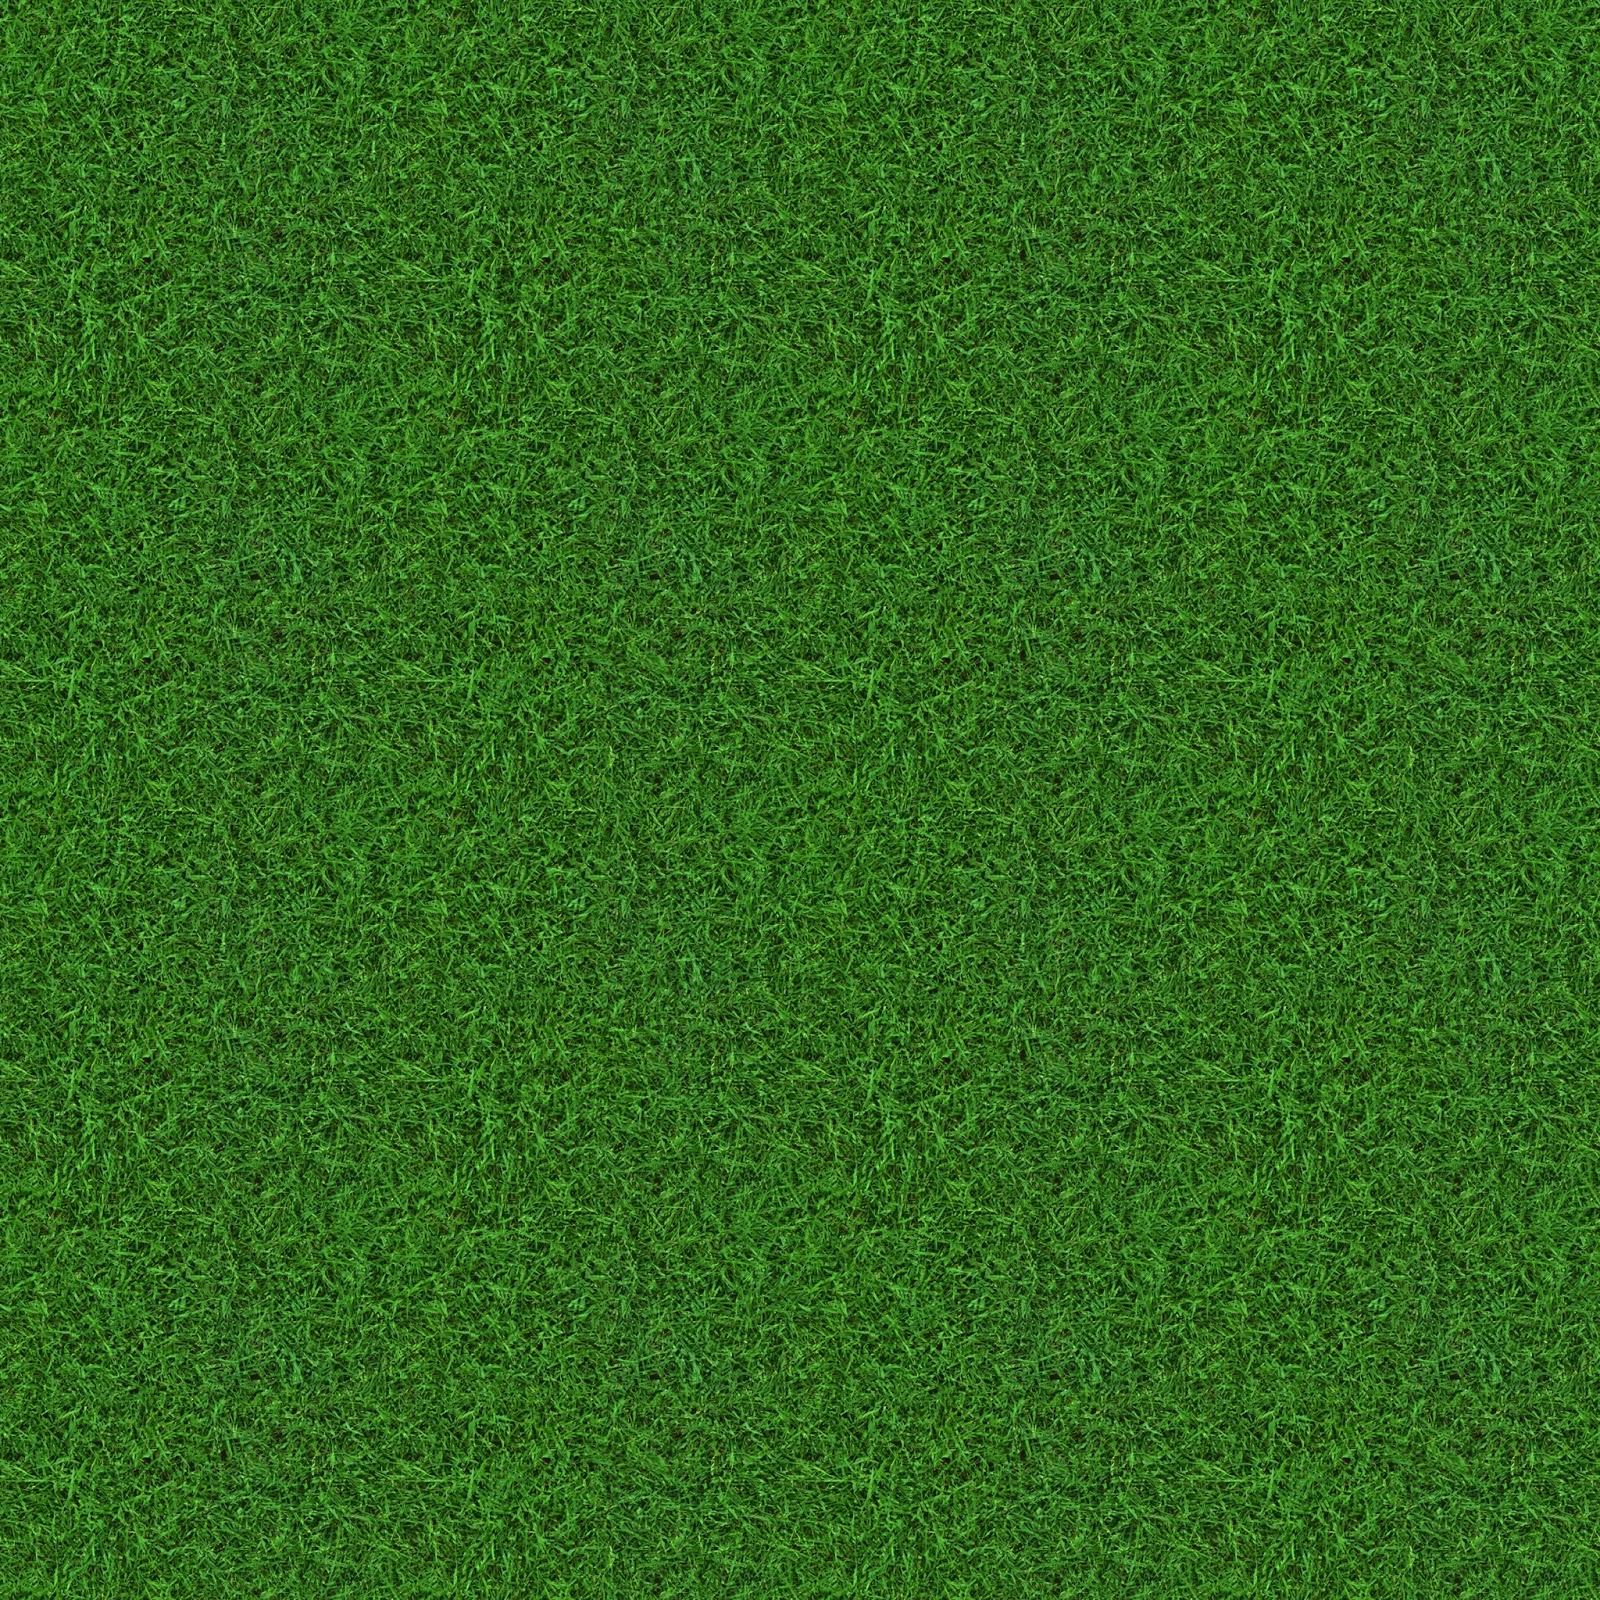 High Resolution Seamless Textures Grass Choppy Green